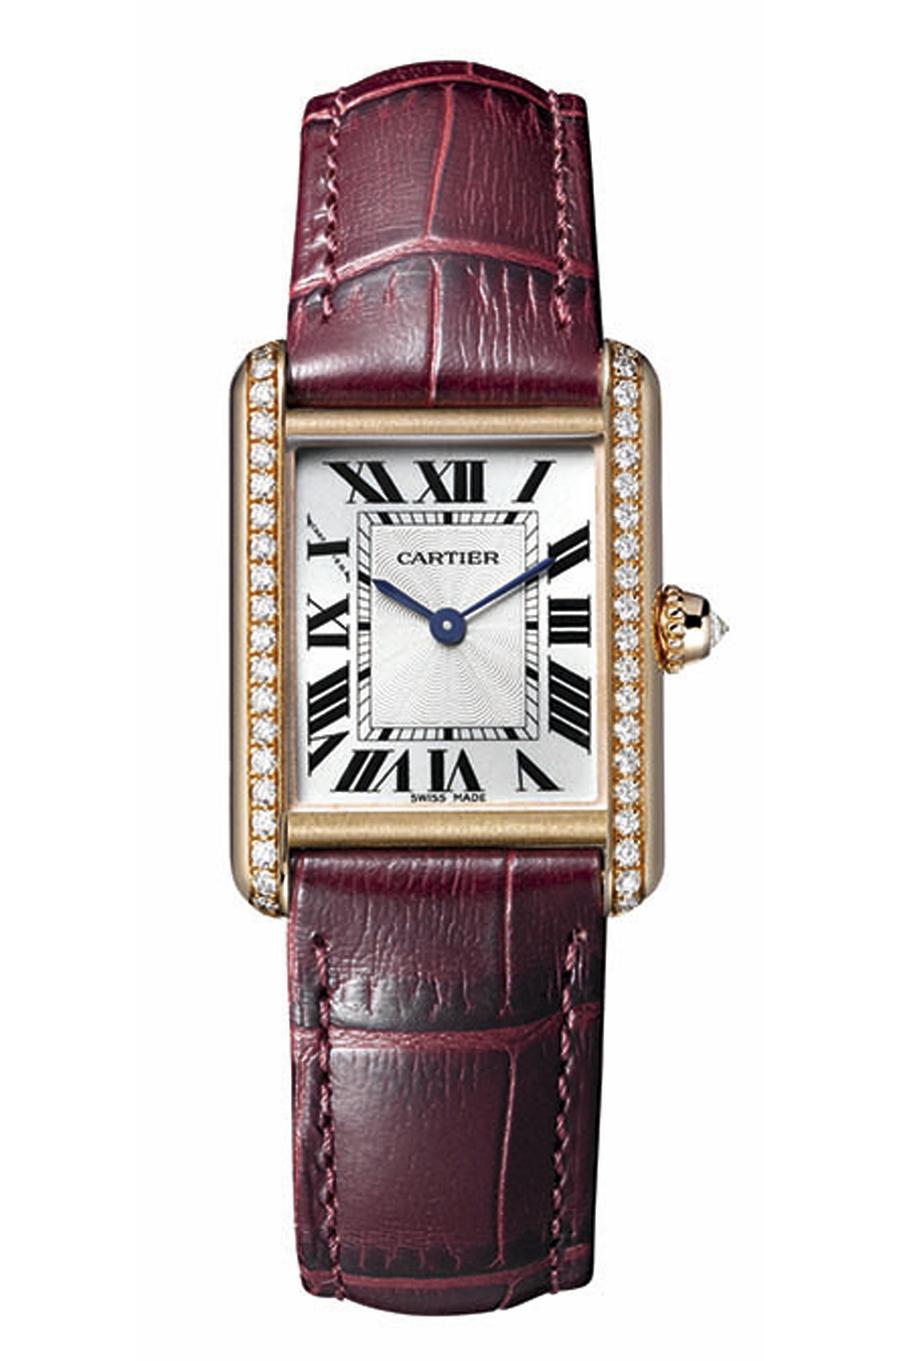 Tank Louis Cartier petit modèle en or rose et diamants, 16 200 €.